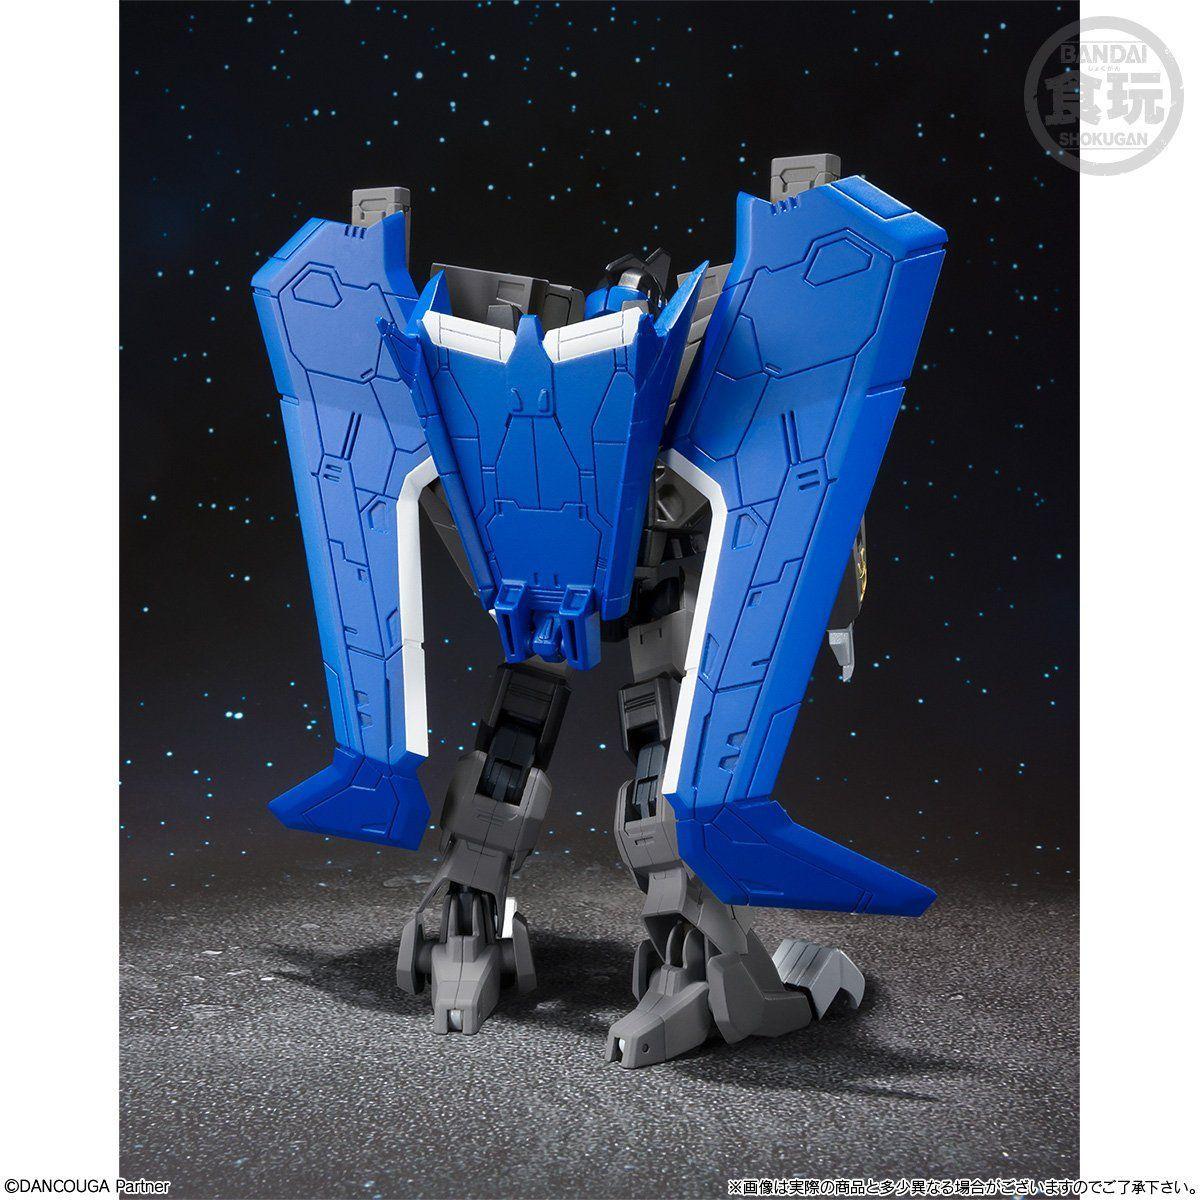 【限定販売】【食玩】スーパーミニプラ『ブラックウイング』超獣機神ダンクーガ  プラモデル-003